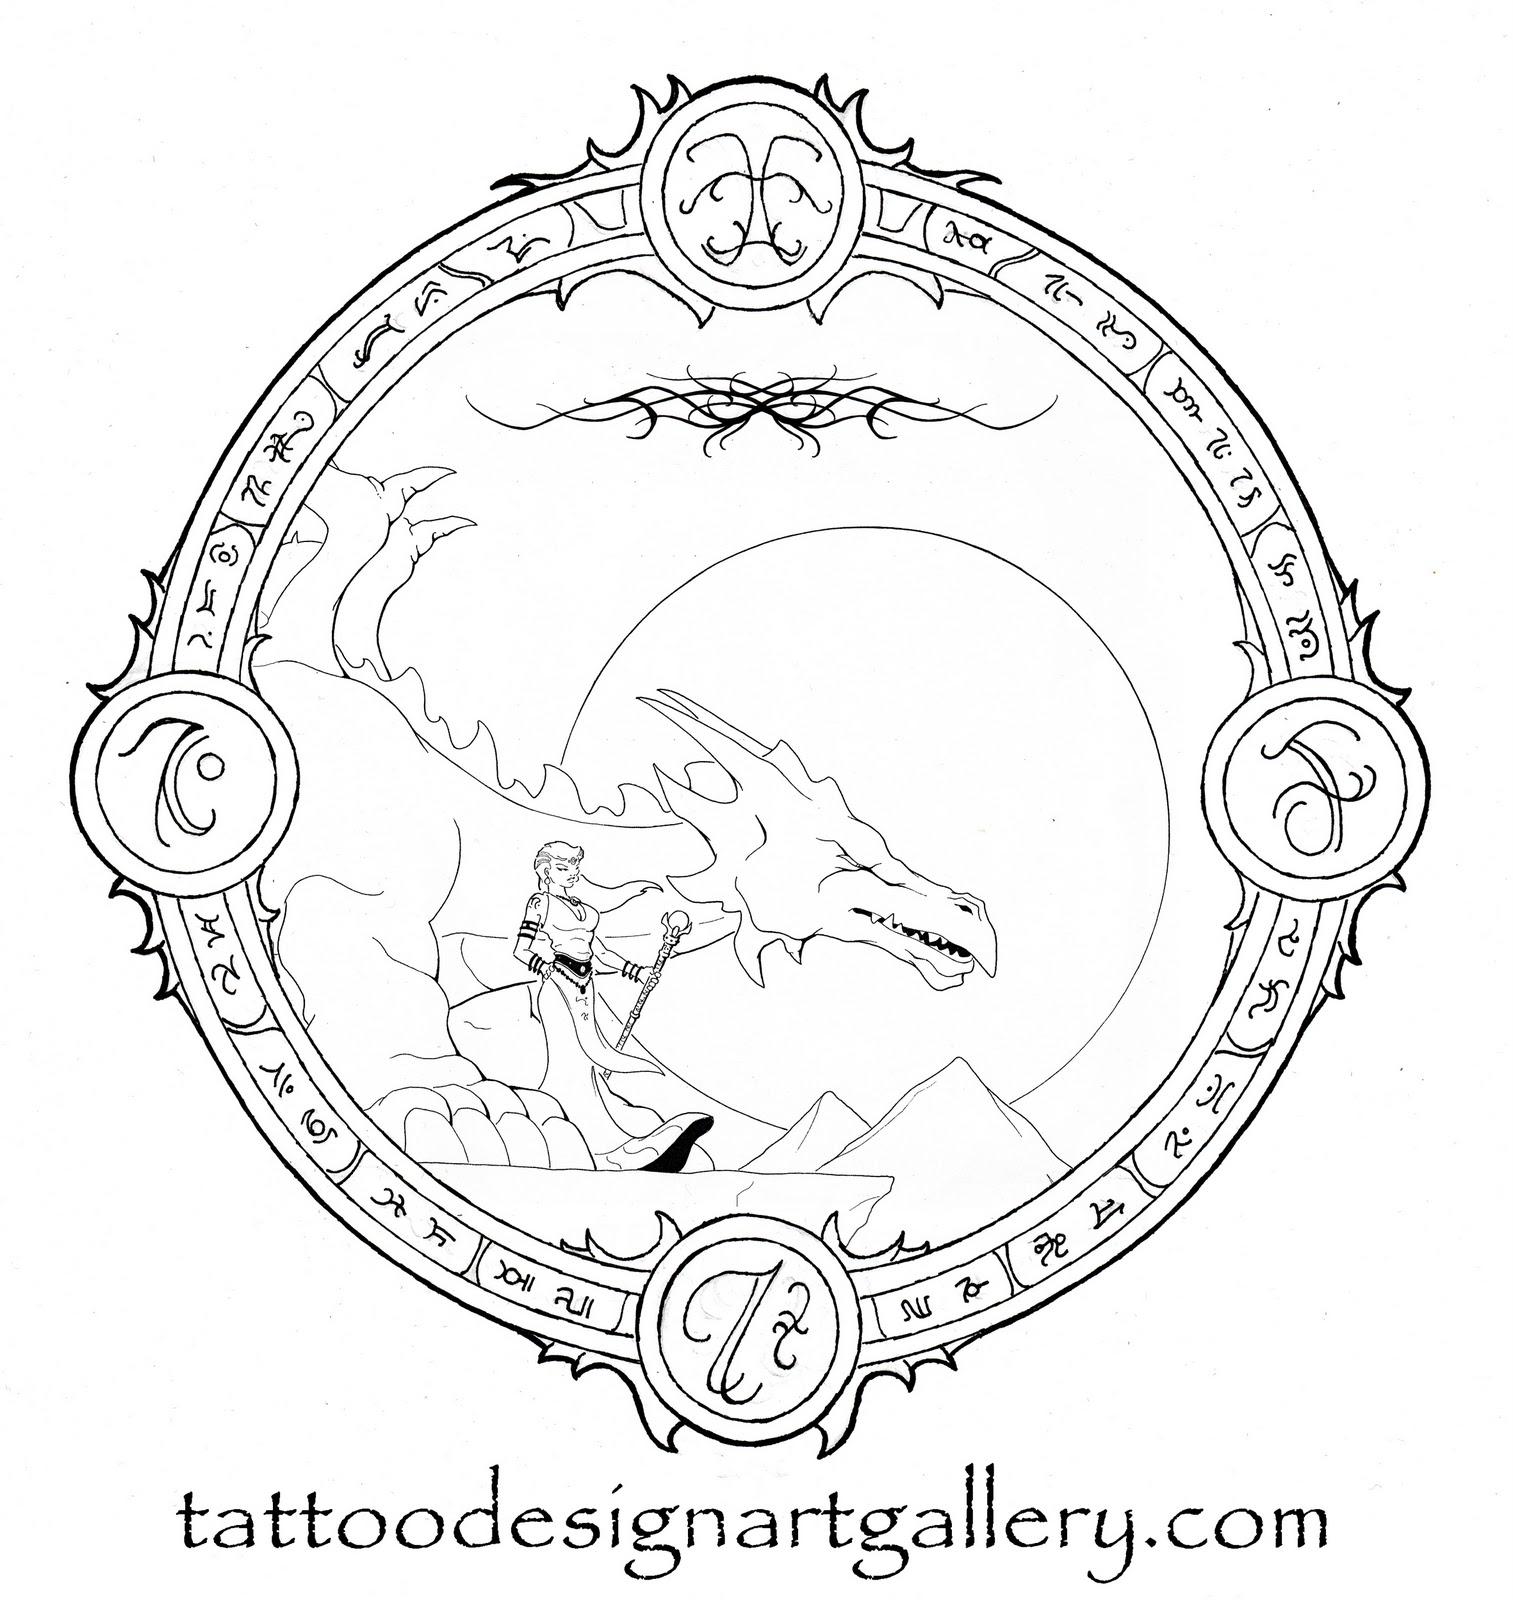 free tattoo, free tattoo ideas